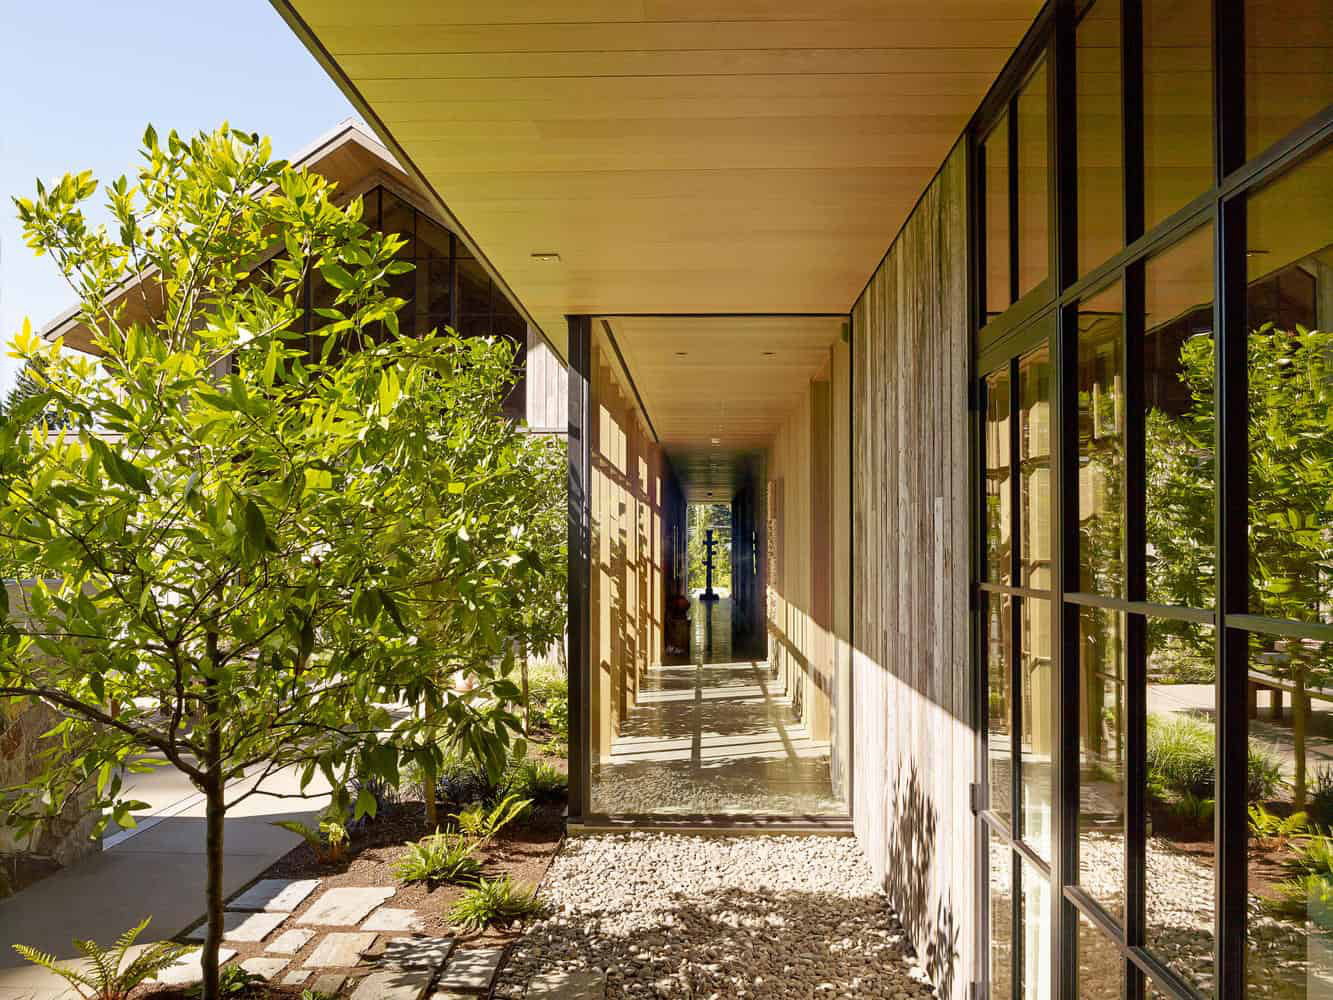 Ngôi nhà đẹp như cổ tích lại nằm giữa không gian thiên nhiên rộng lớn toàn hoa thơm cỏ lạ - Ảnh 15